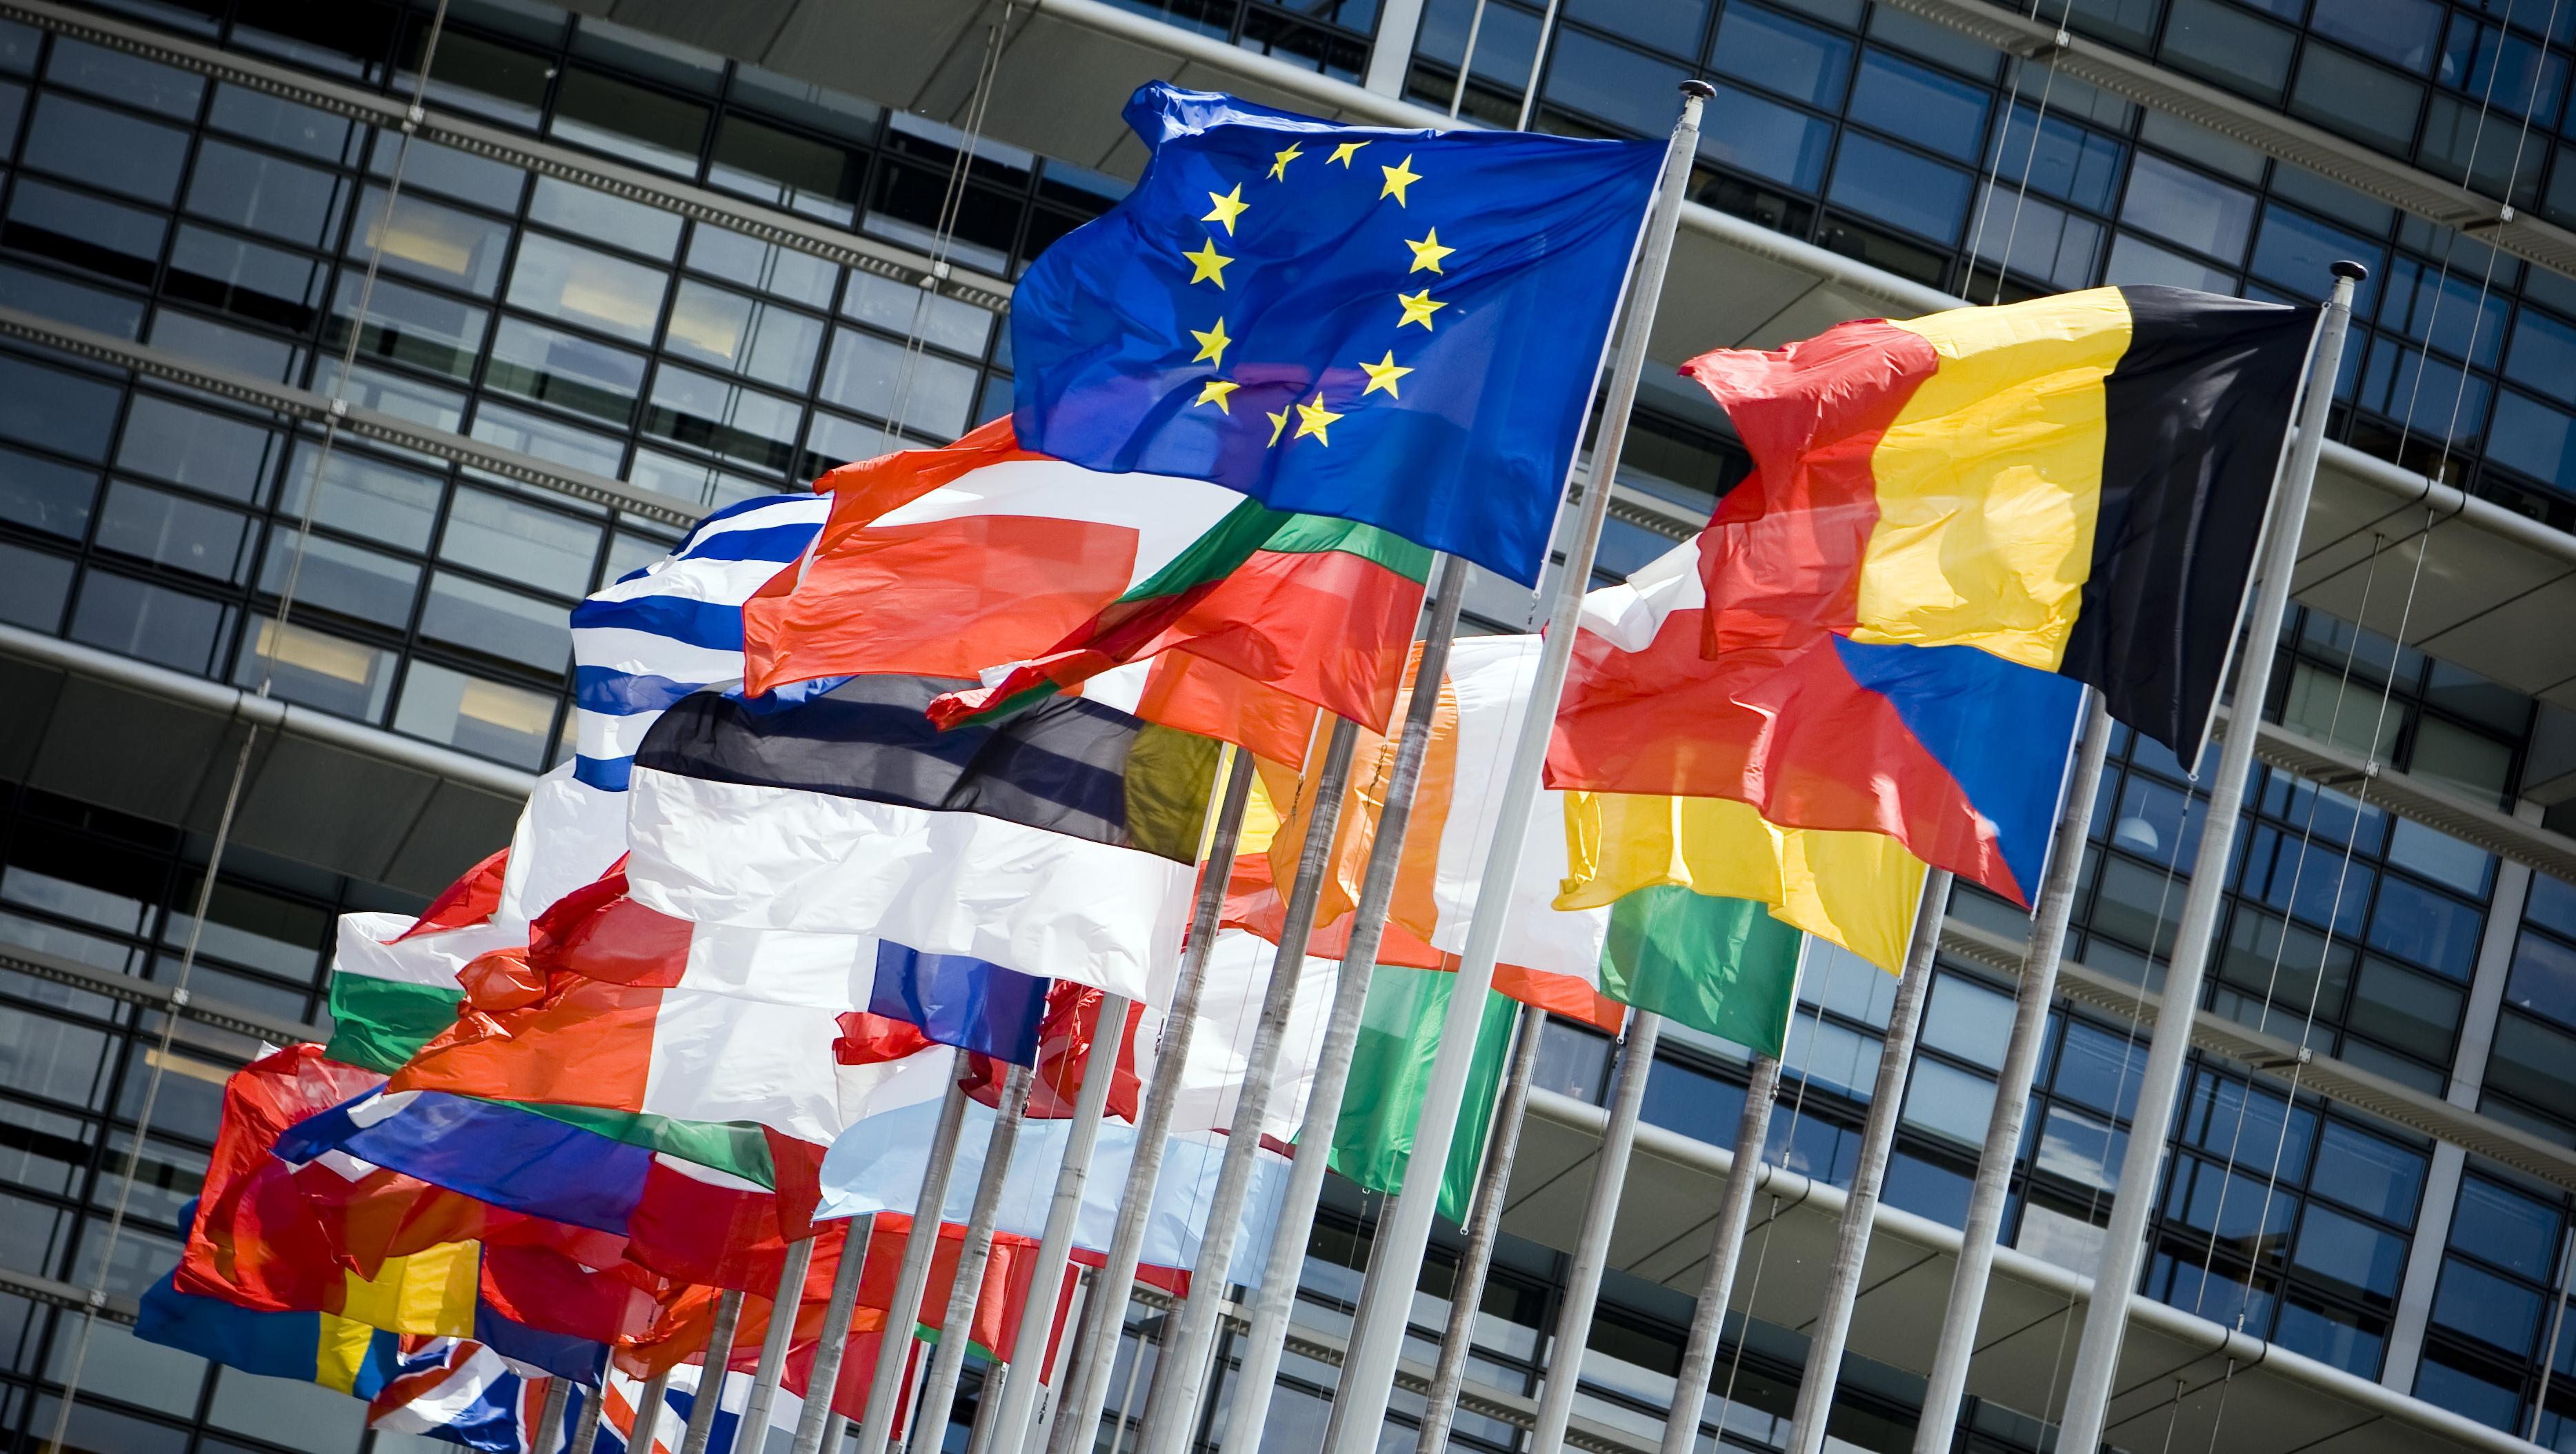 Euro-Med remet des notes aux ministres des affaires étrangères européens, les appelant à sauver la population de Gaza